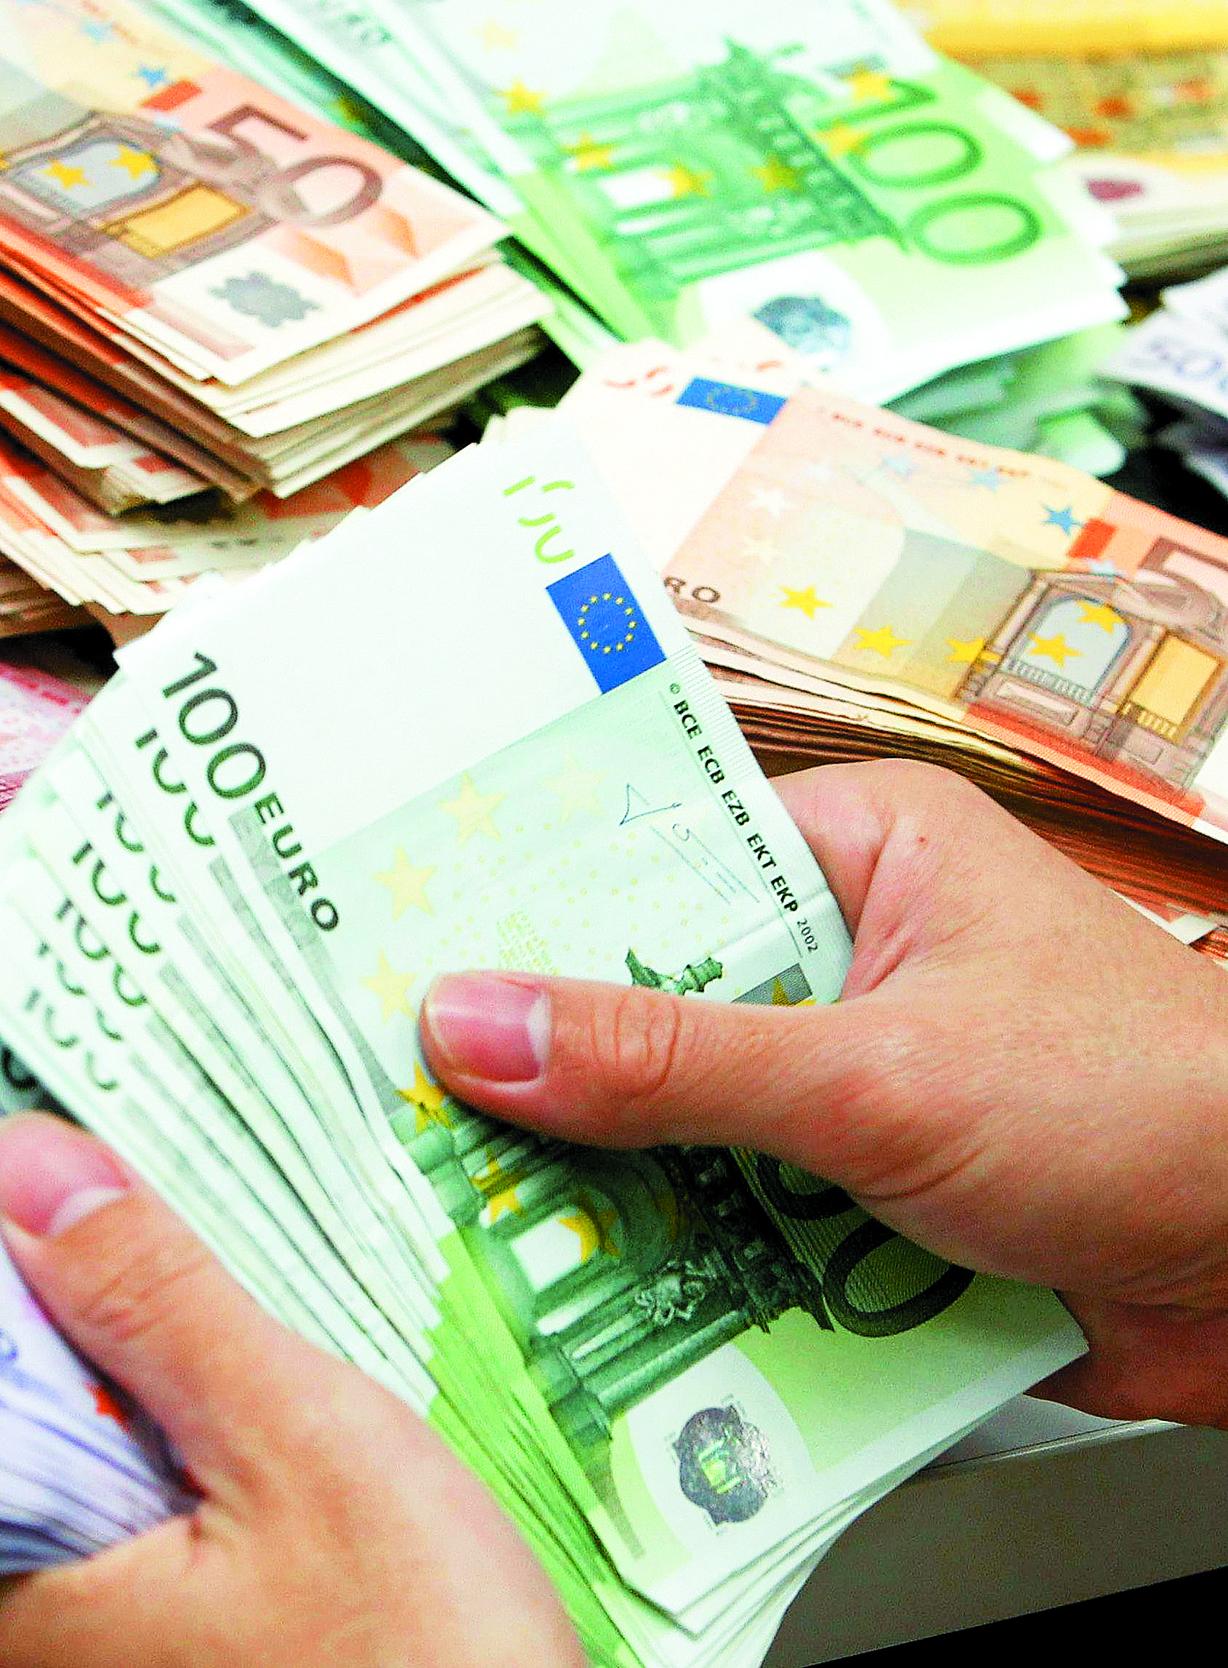 Δημόσιο: Εισέπραξε 249,2 εκ. ευρώ από mails και τηλεφωνικές κλήσεις   tovima.gr